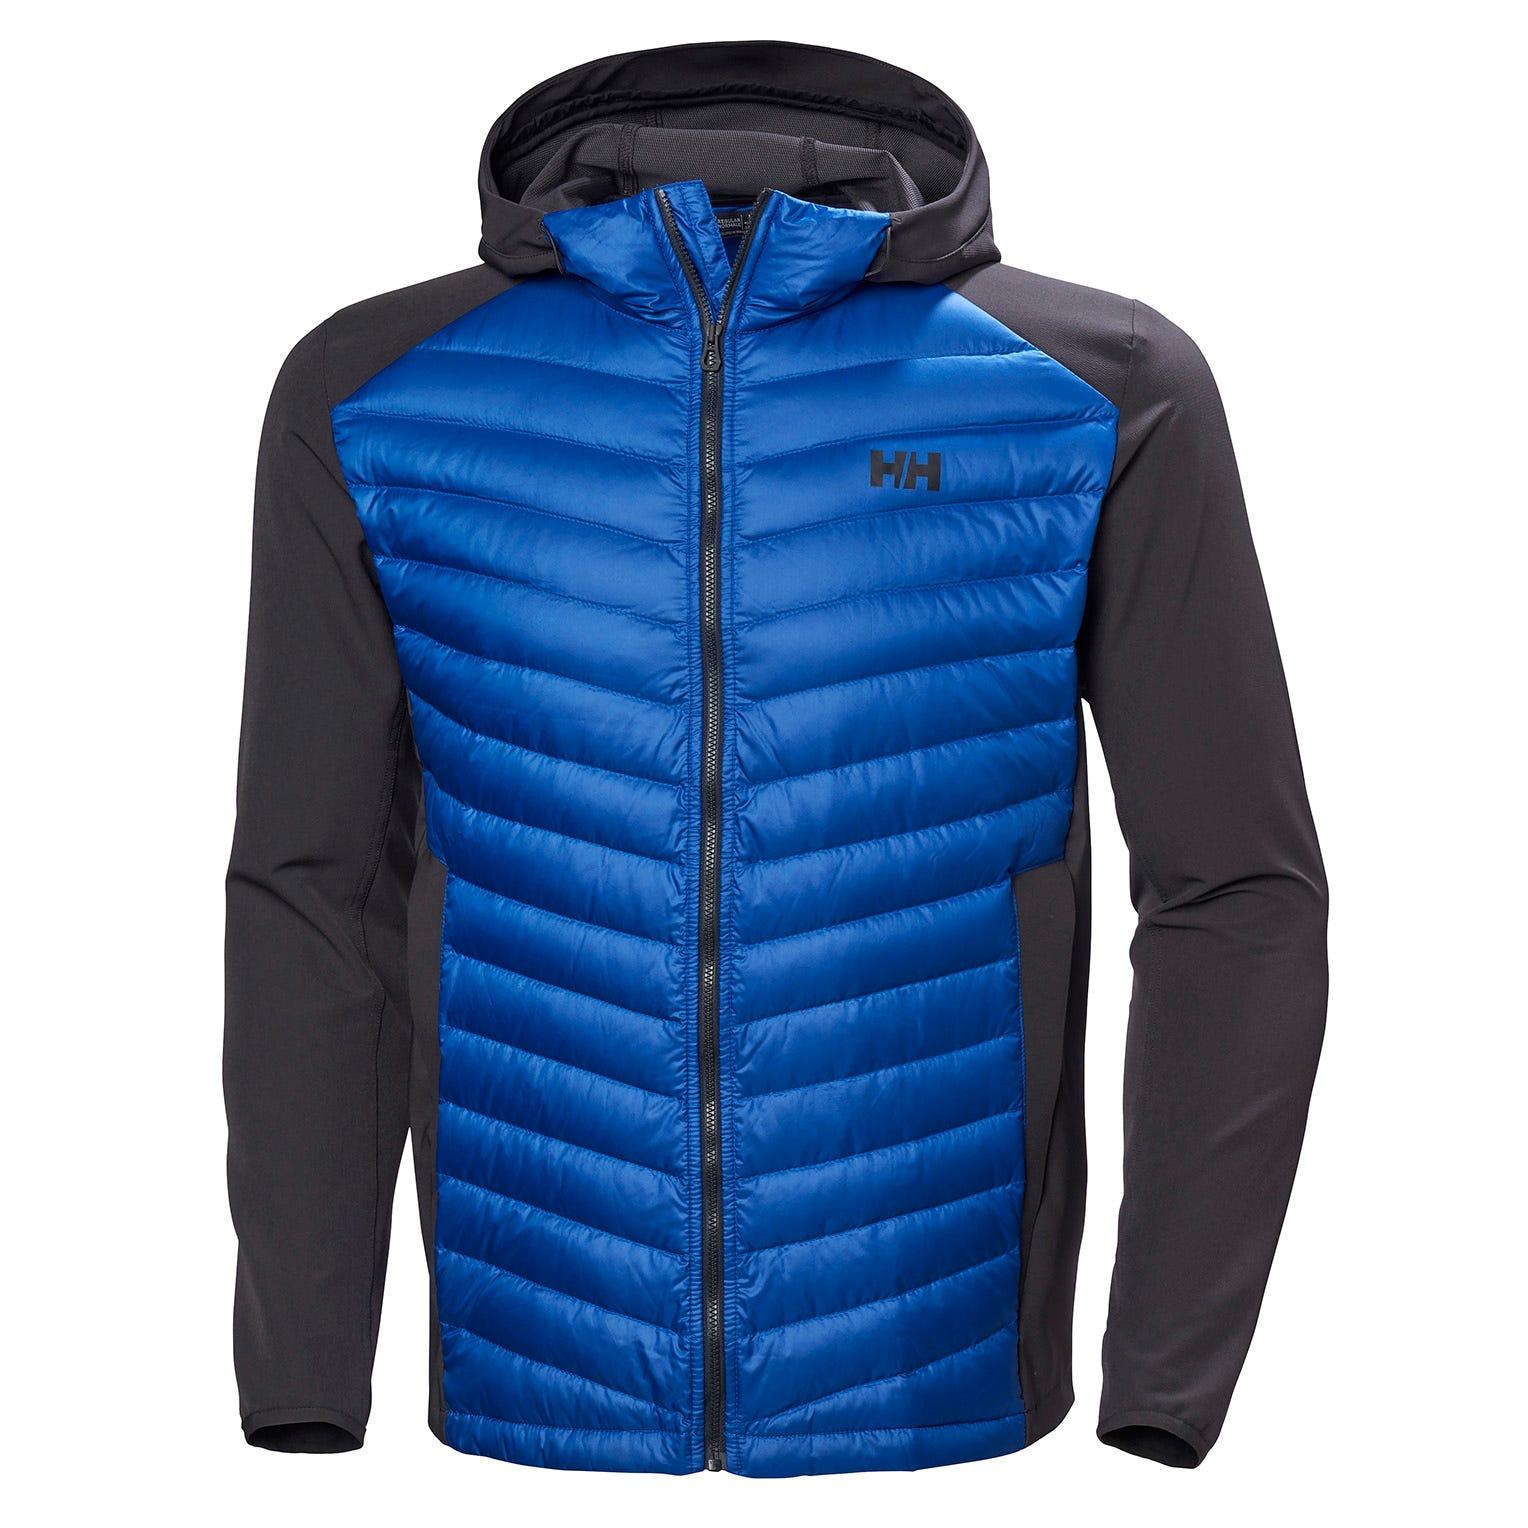 Helly Hansen Verglas Light Jacket Mens Hiking Blue XL